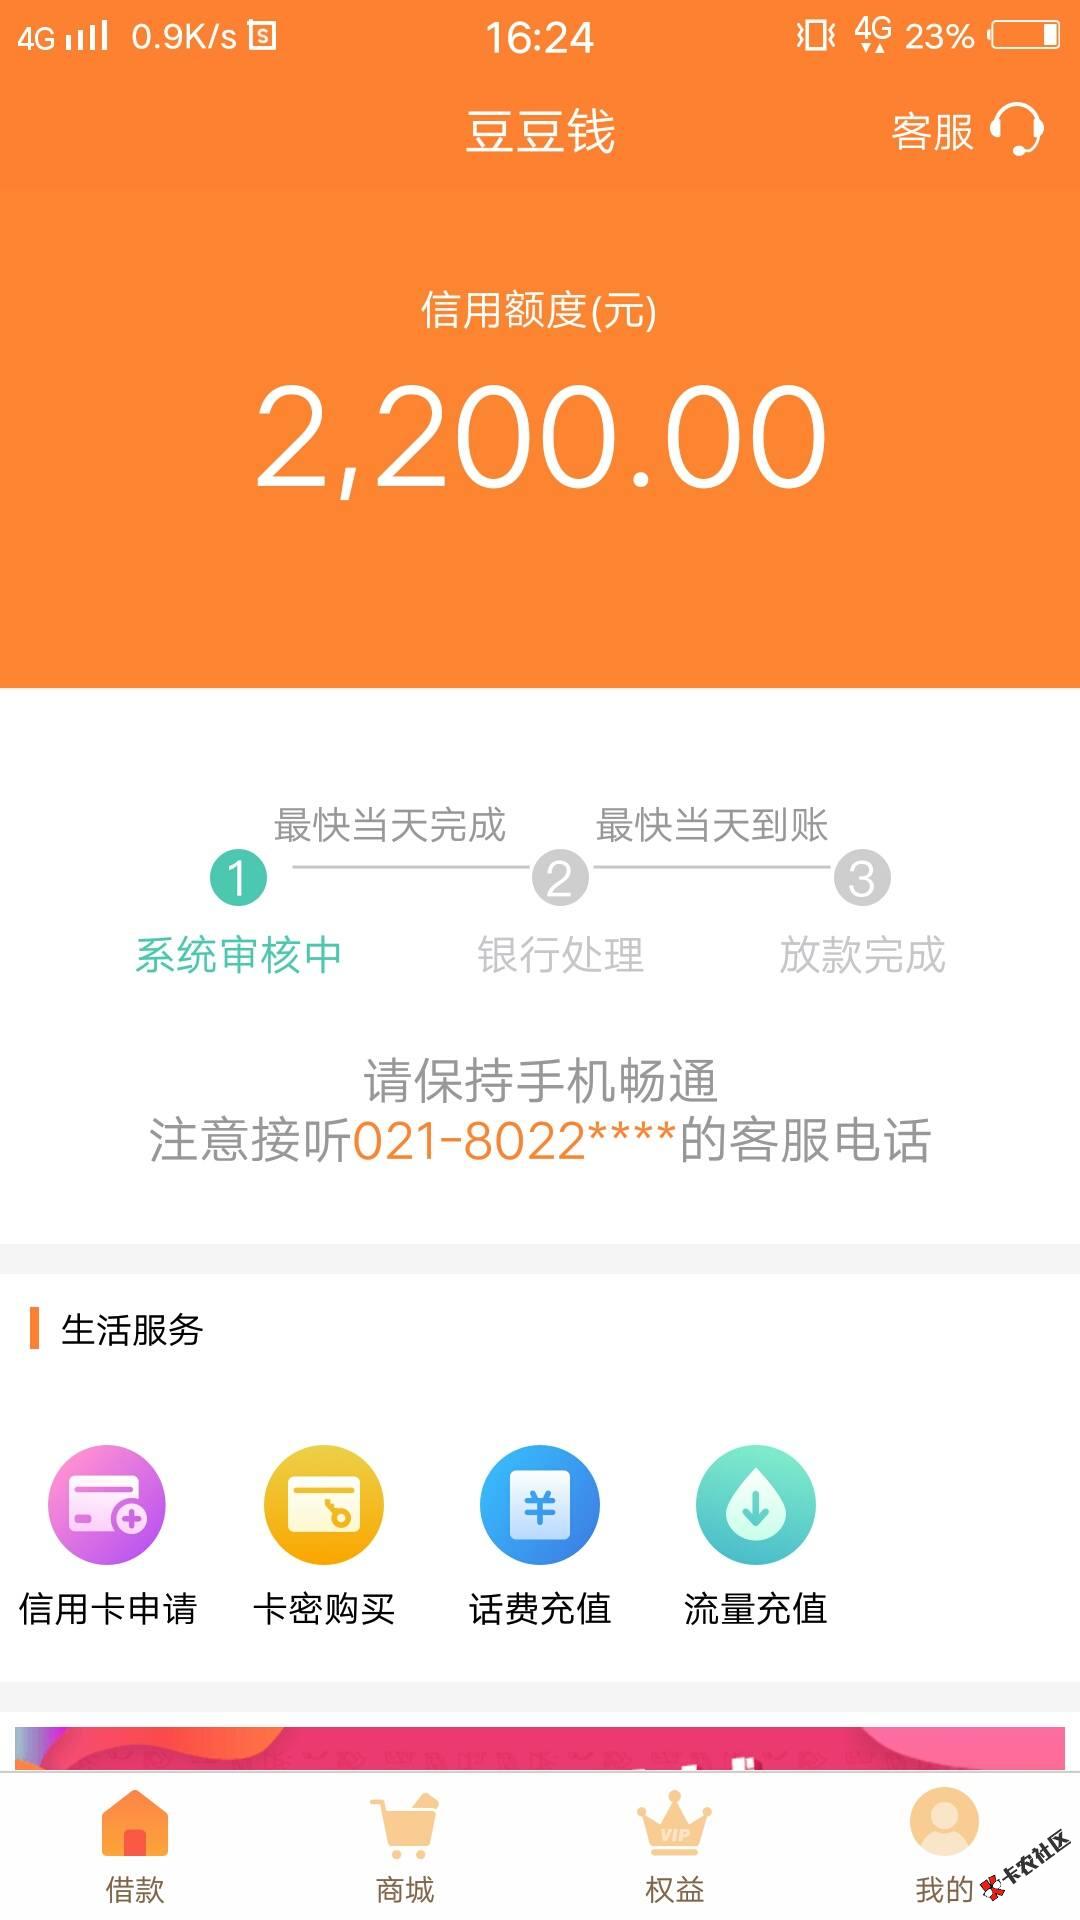 维信旗下口子,使用半年以上实名手机号最高可借20万...39 / 作者:卡农小蛋 /